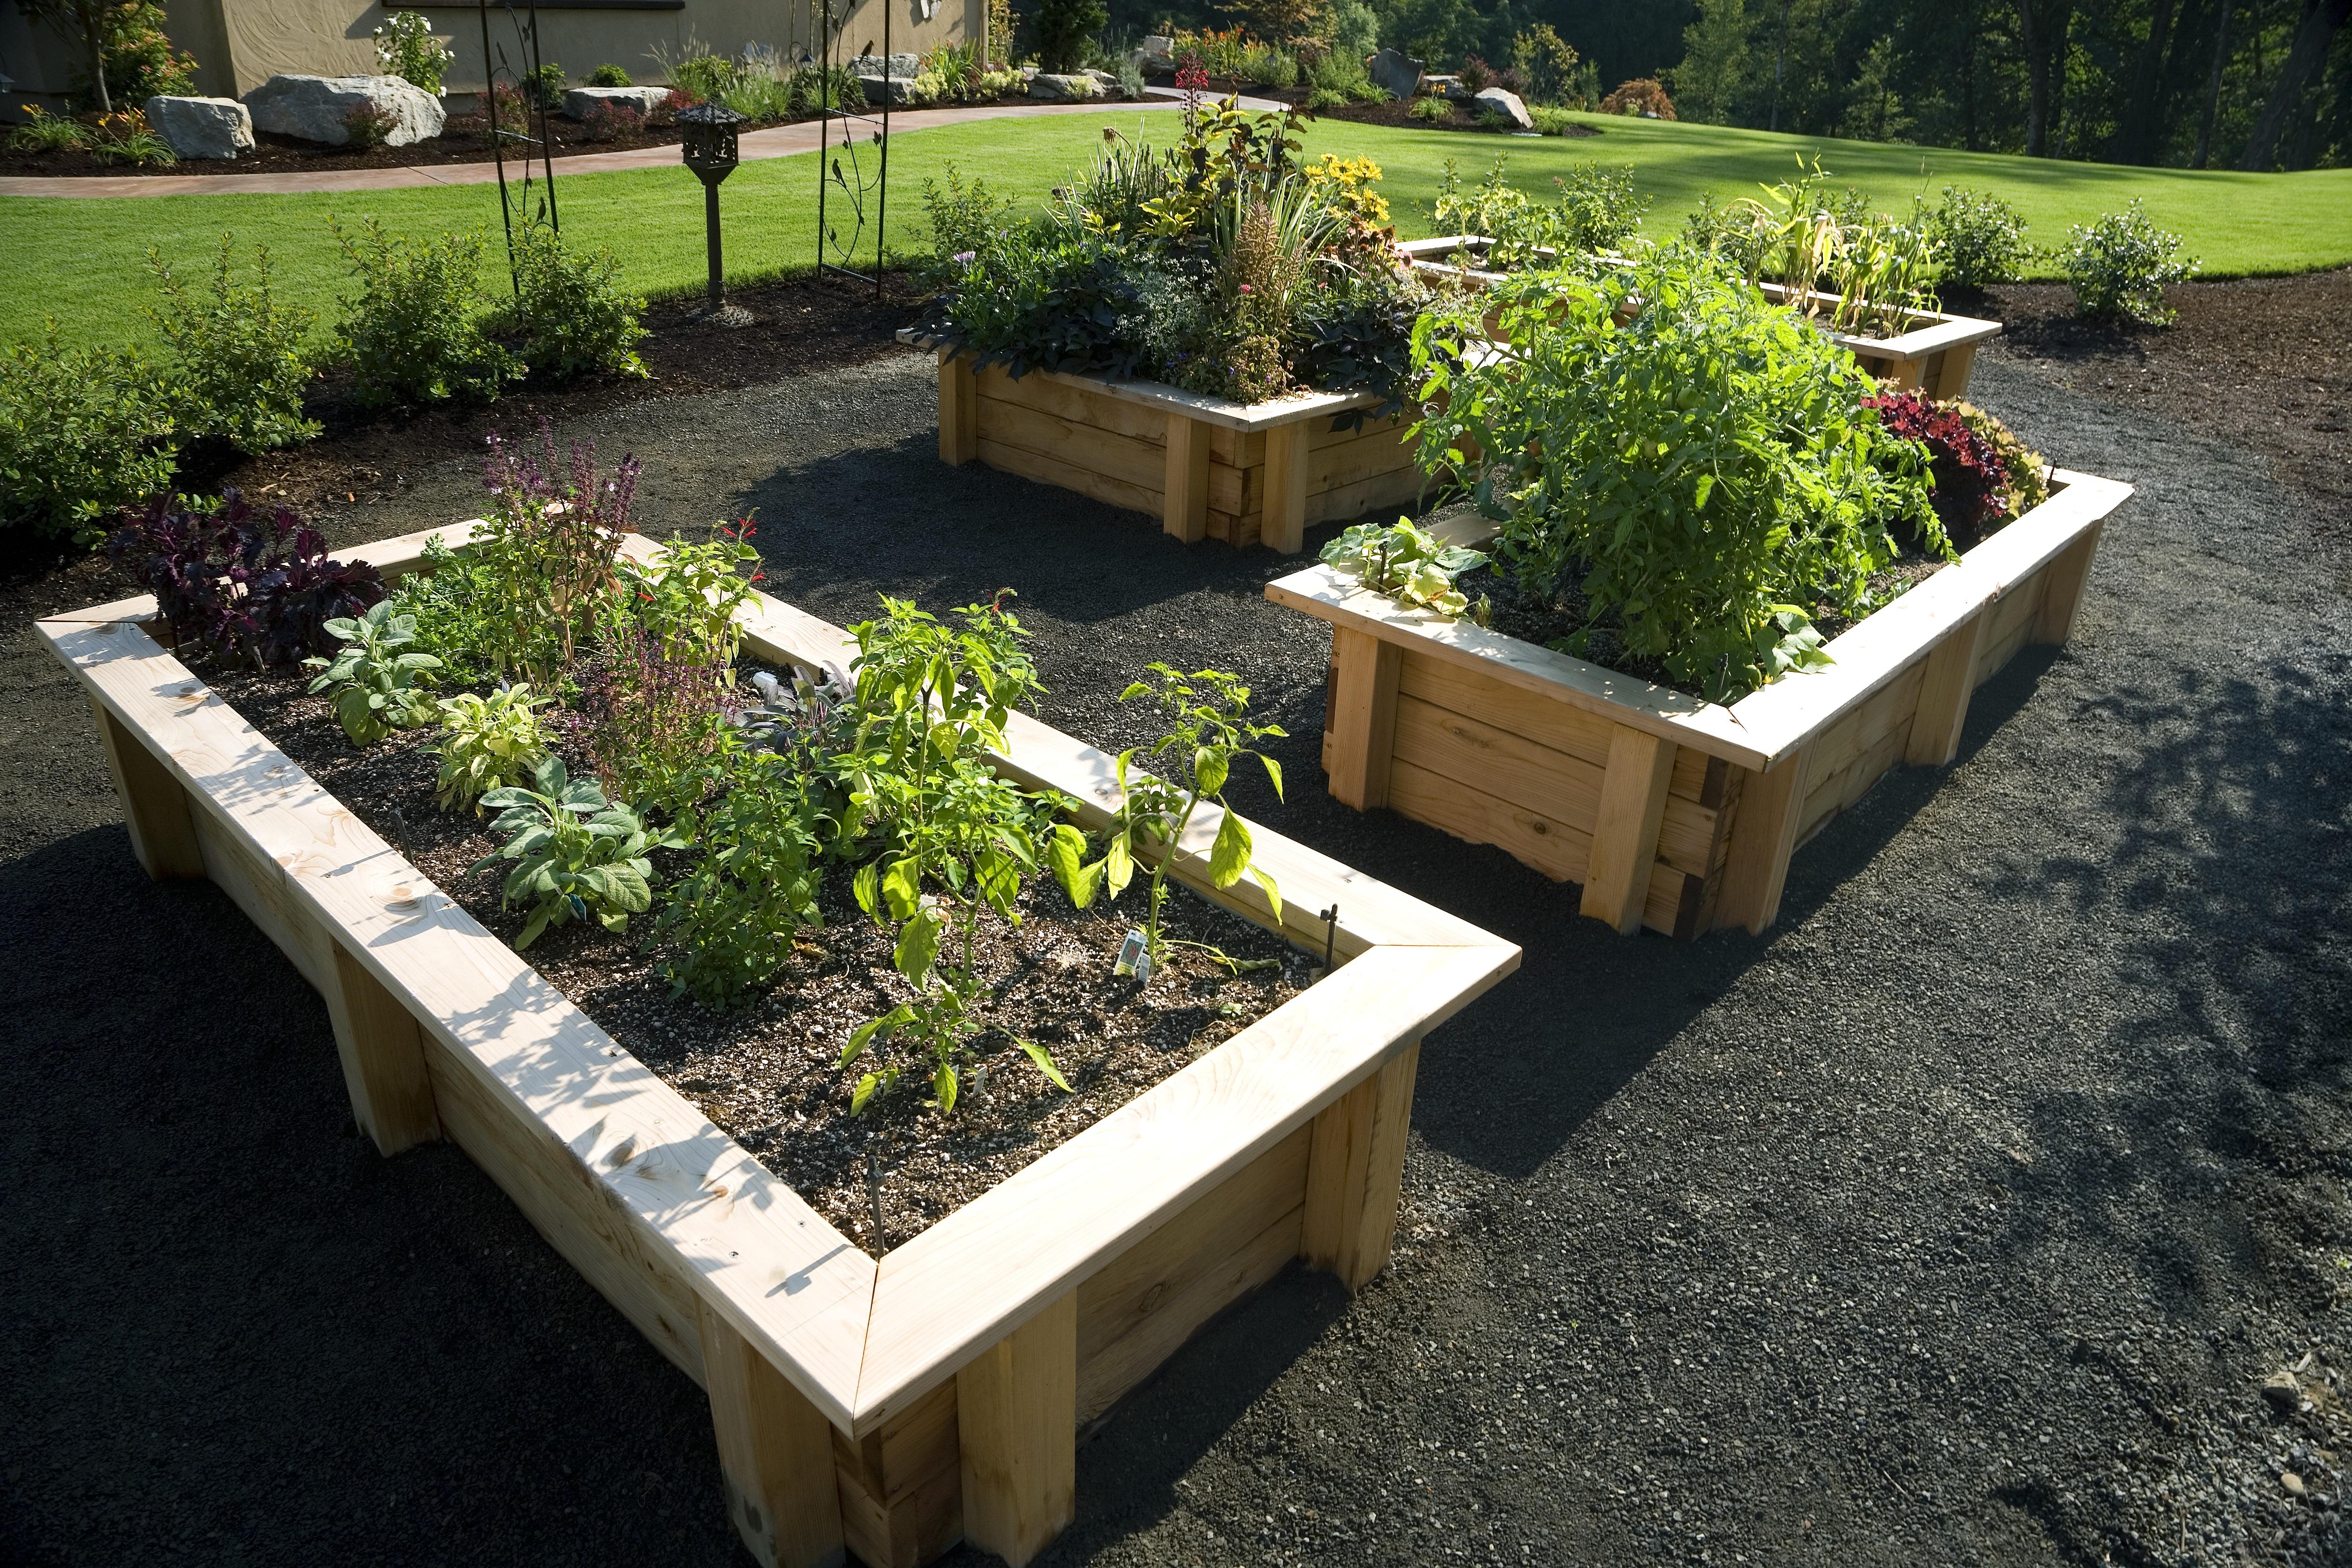 home garden ideas kids gardening tips | ideas u0026 projects at home KPBCZVE